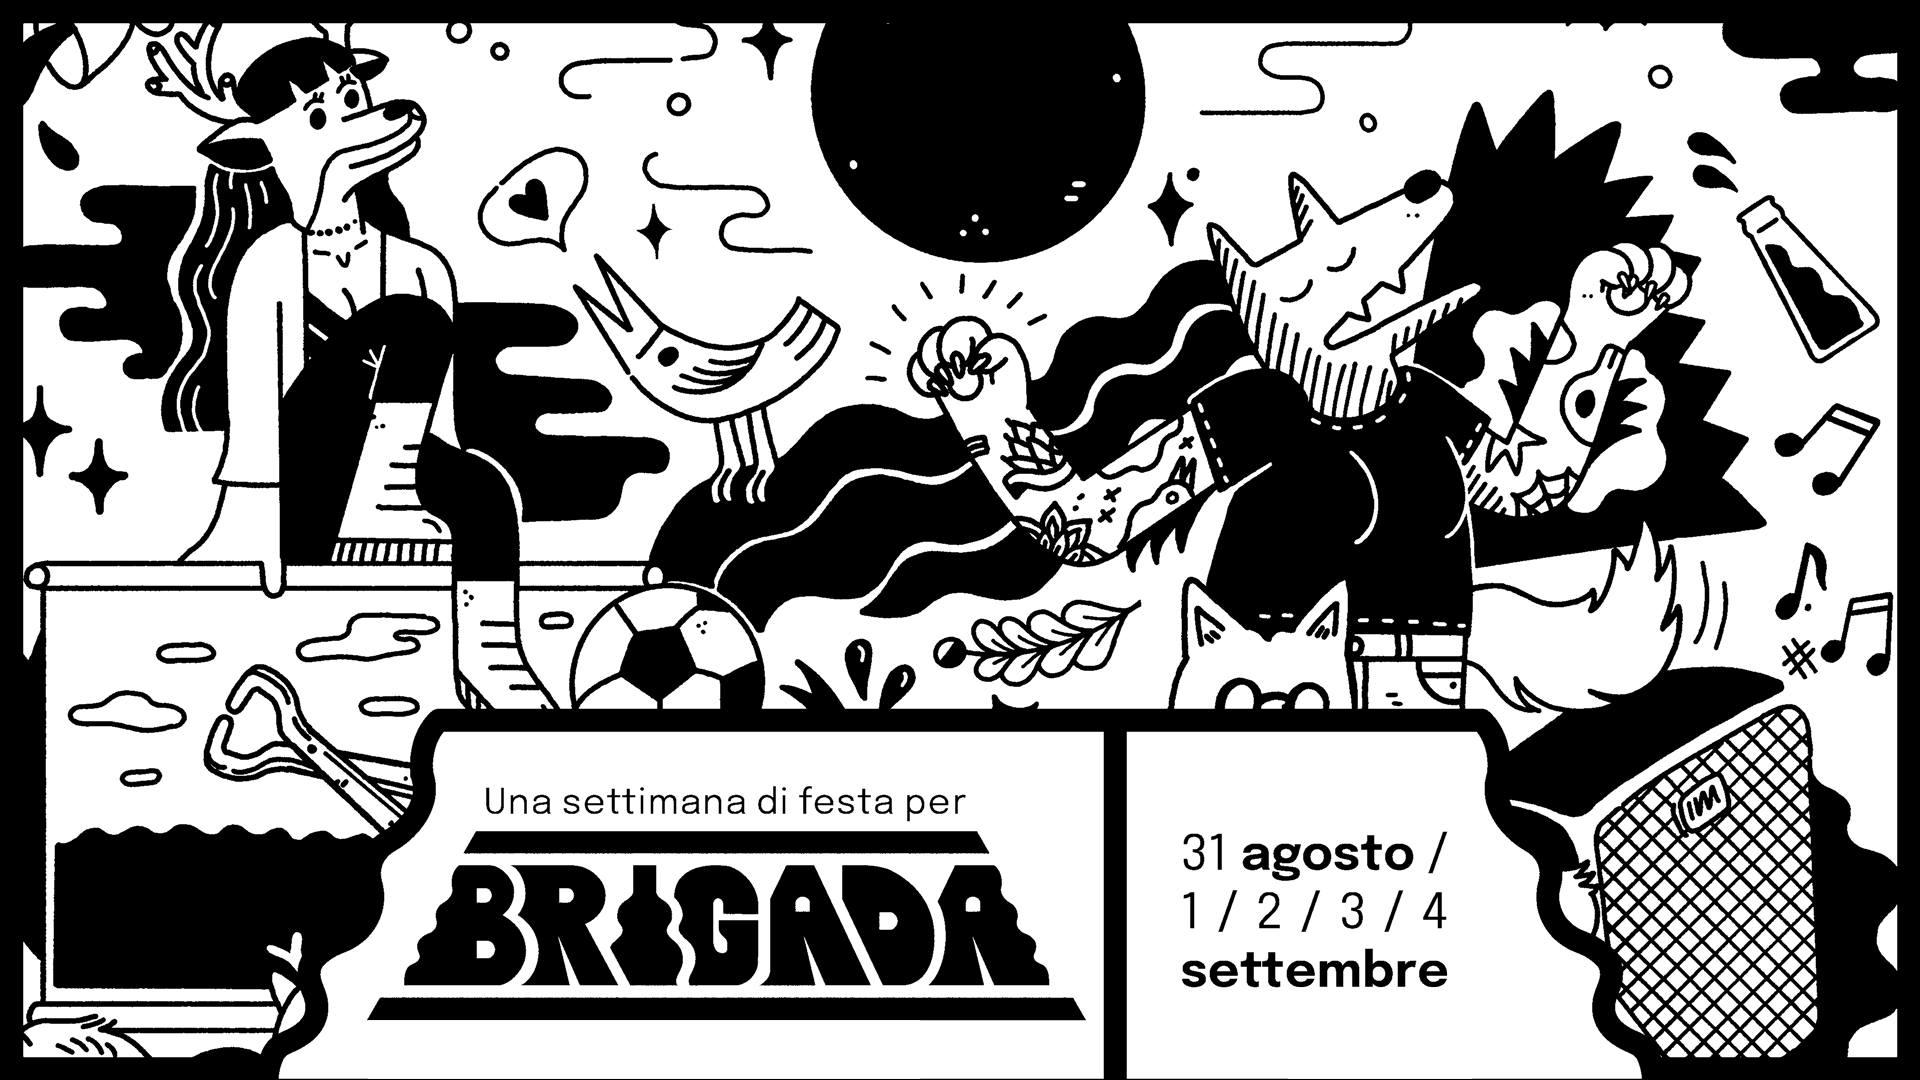 """Nasce a Cagliari il """"Brigada"""" - Libri, musica e socialità"""